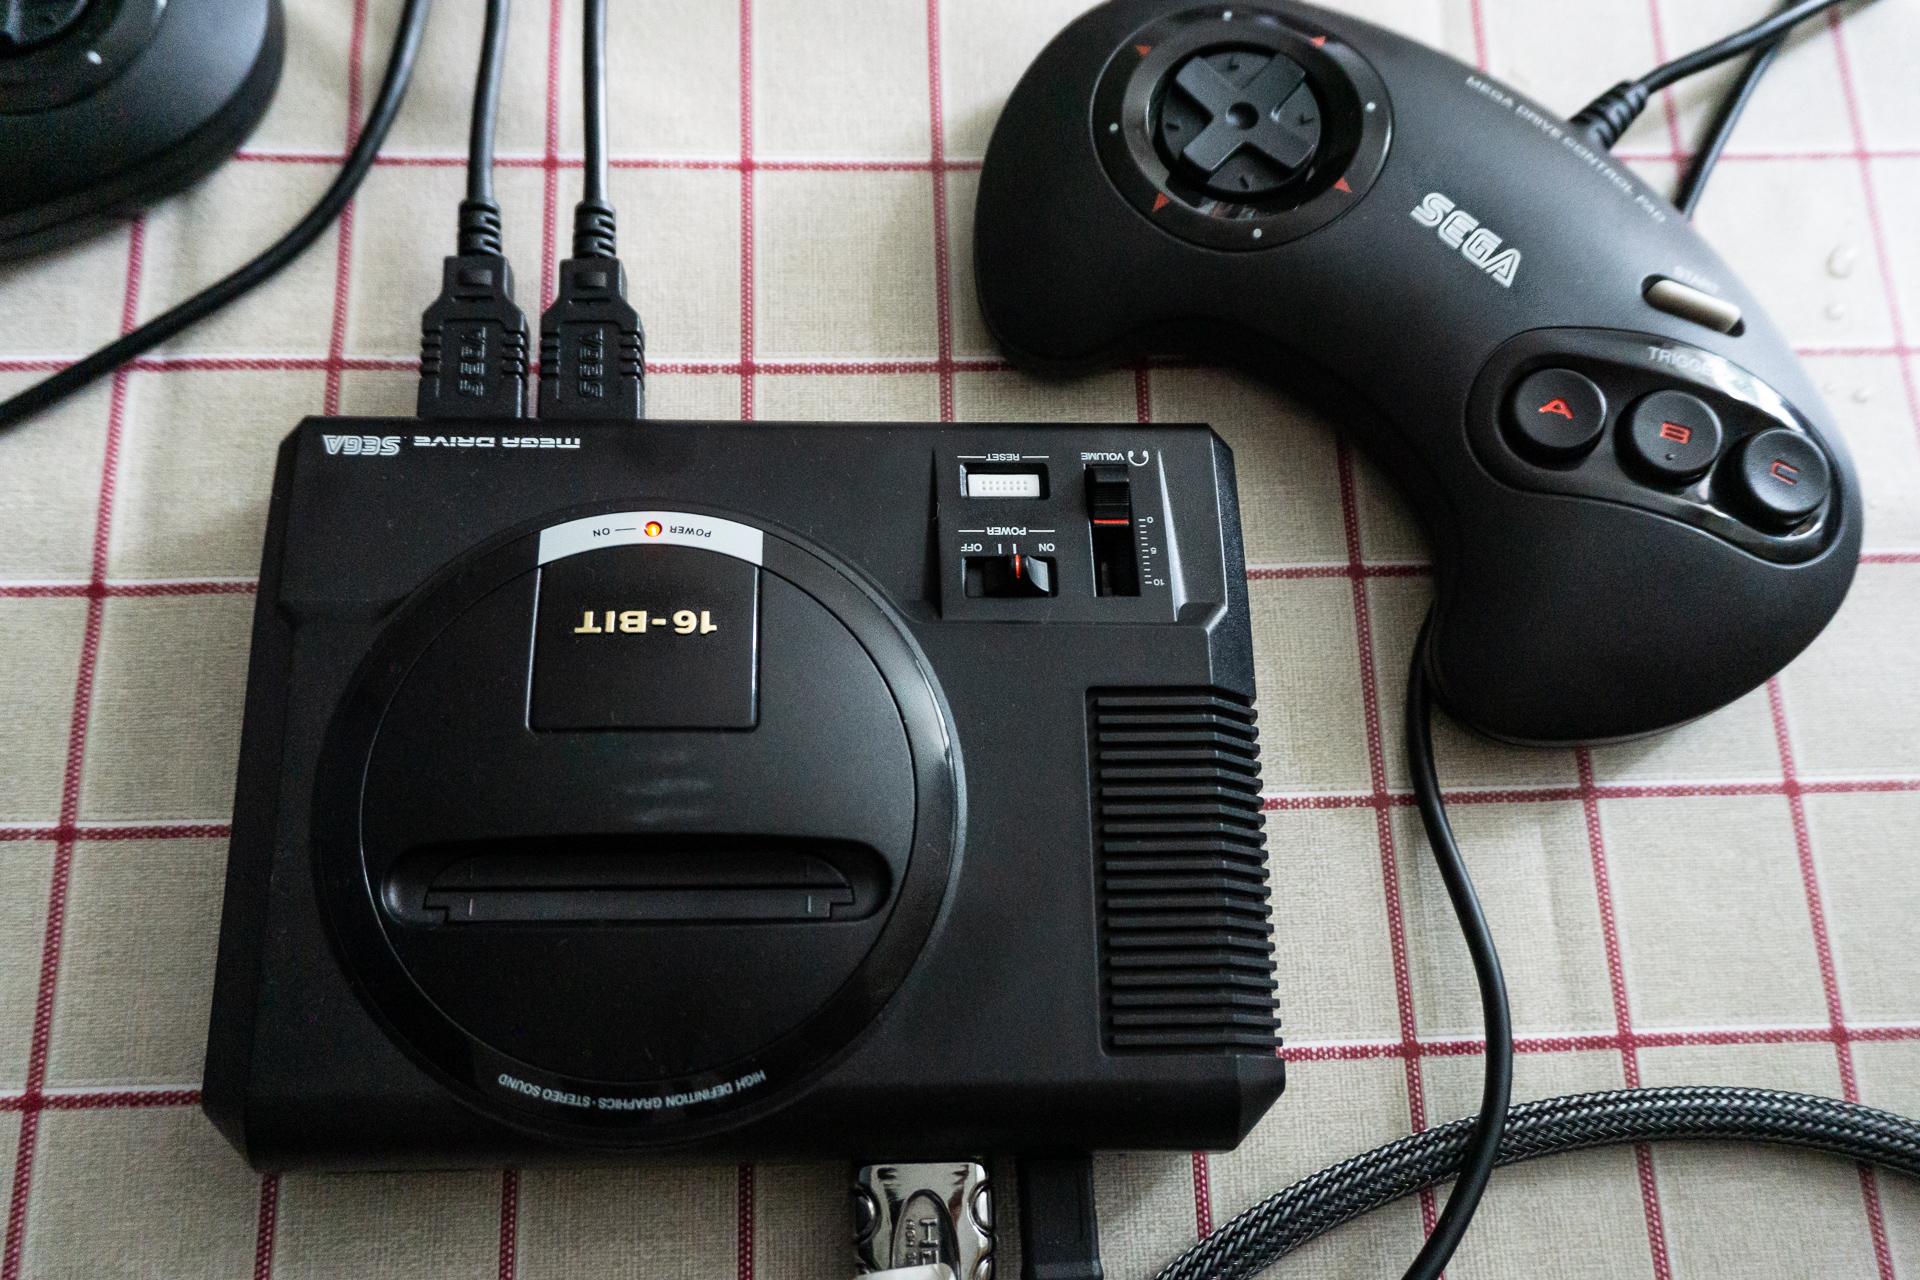 اختبار وحدة التحكم SEGA Mega Drive Mini - أكبر عيوب ومزايا النظام الأساسي الجديد في التسعينيات 2